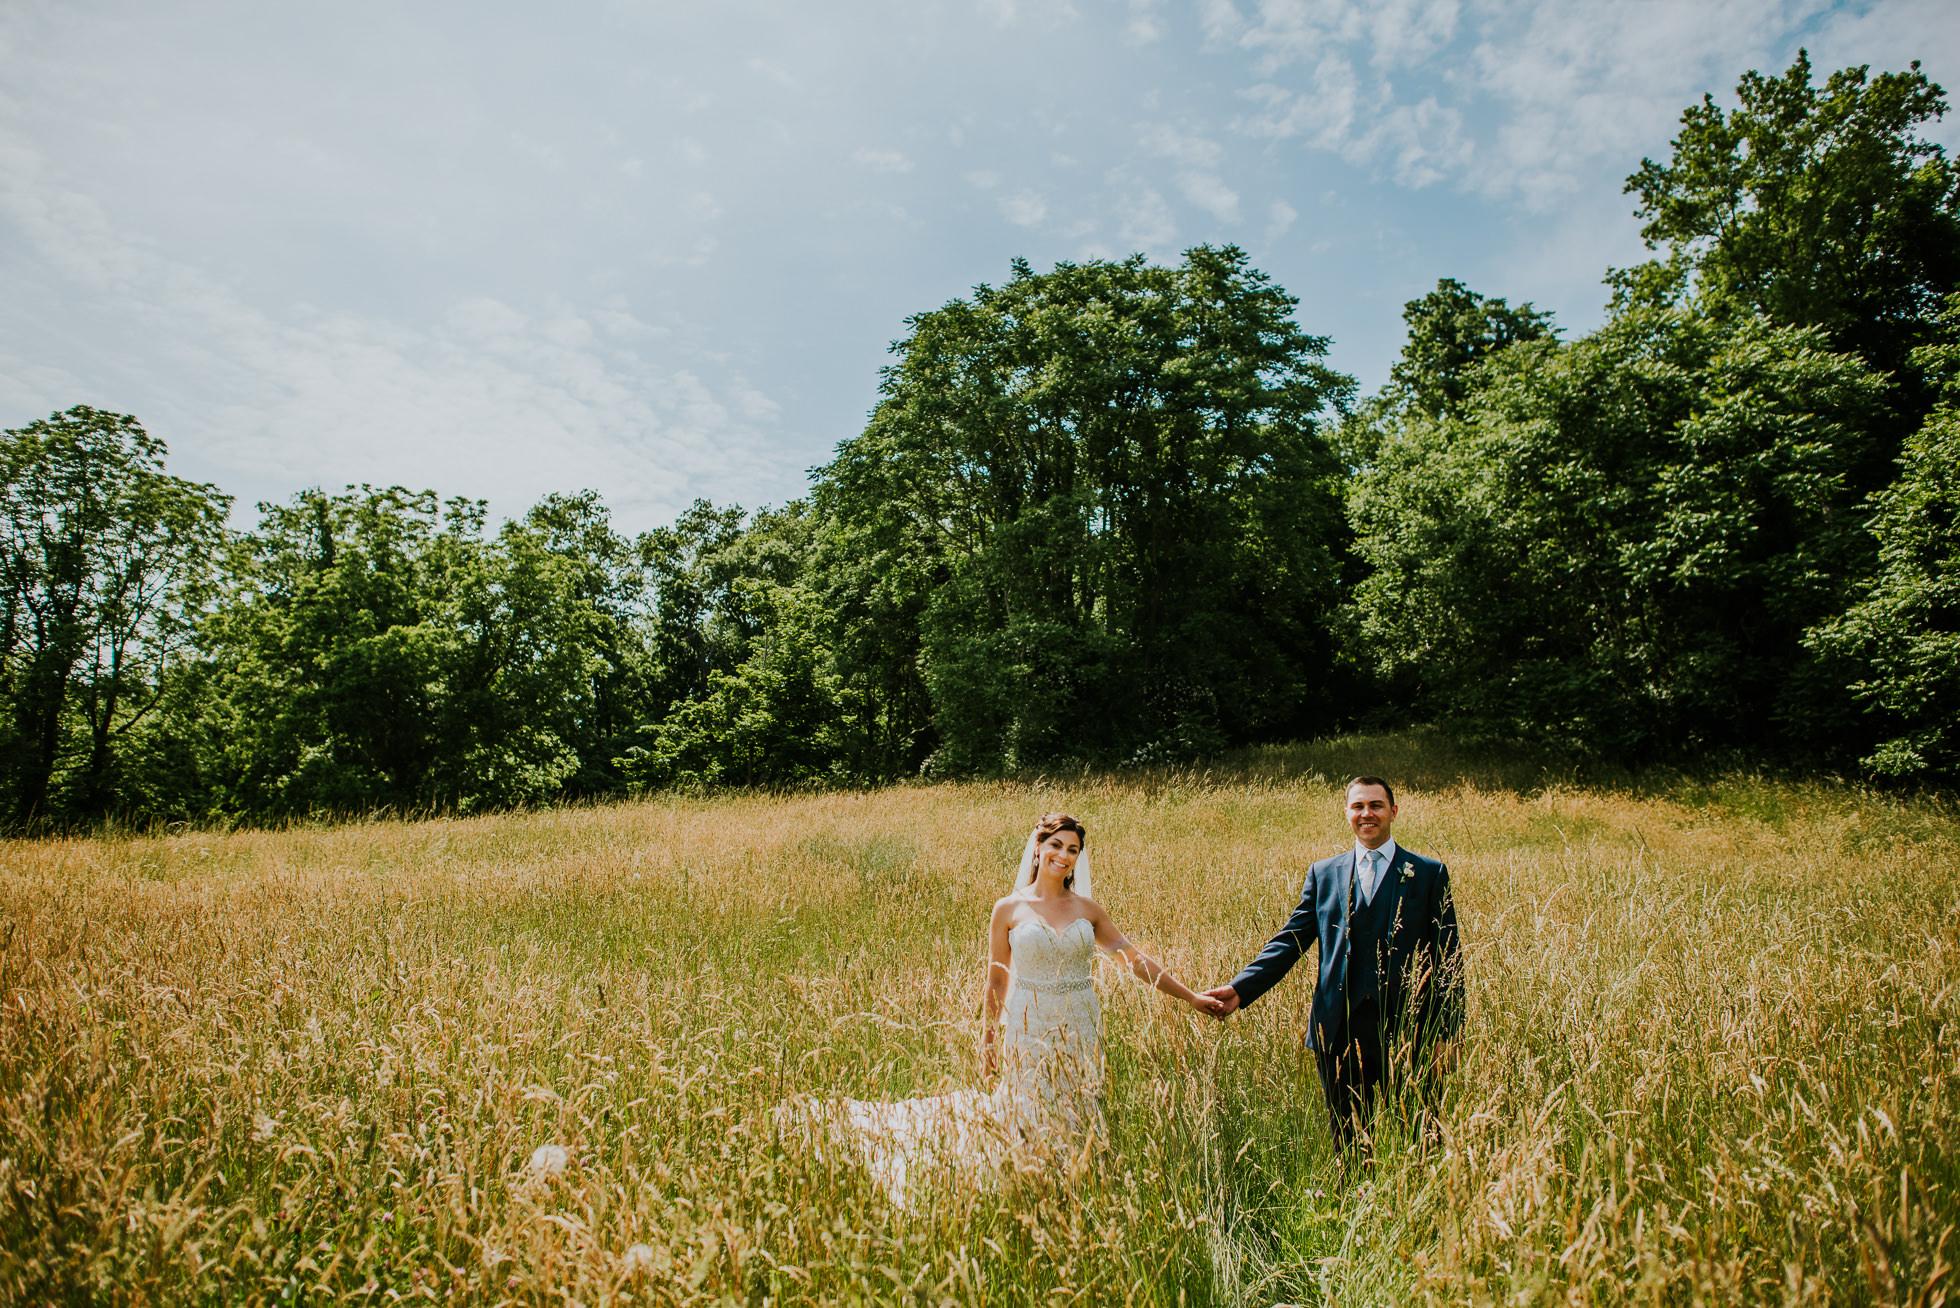 grassy field wedding